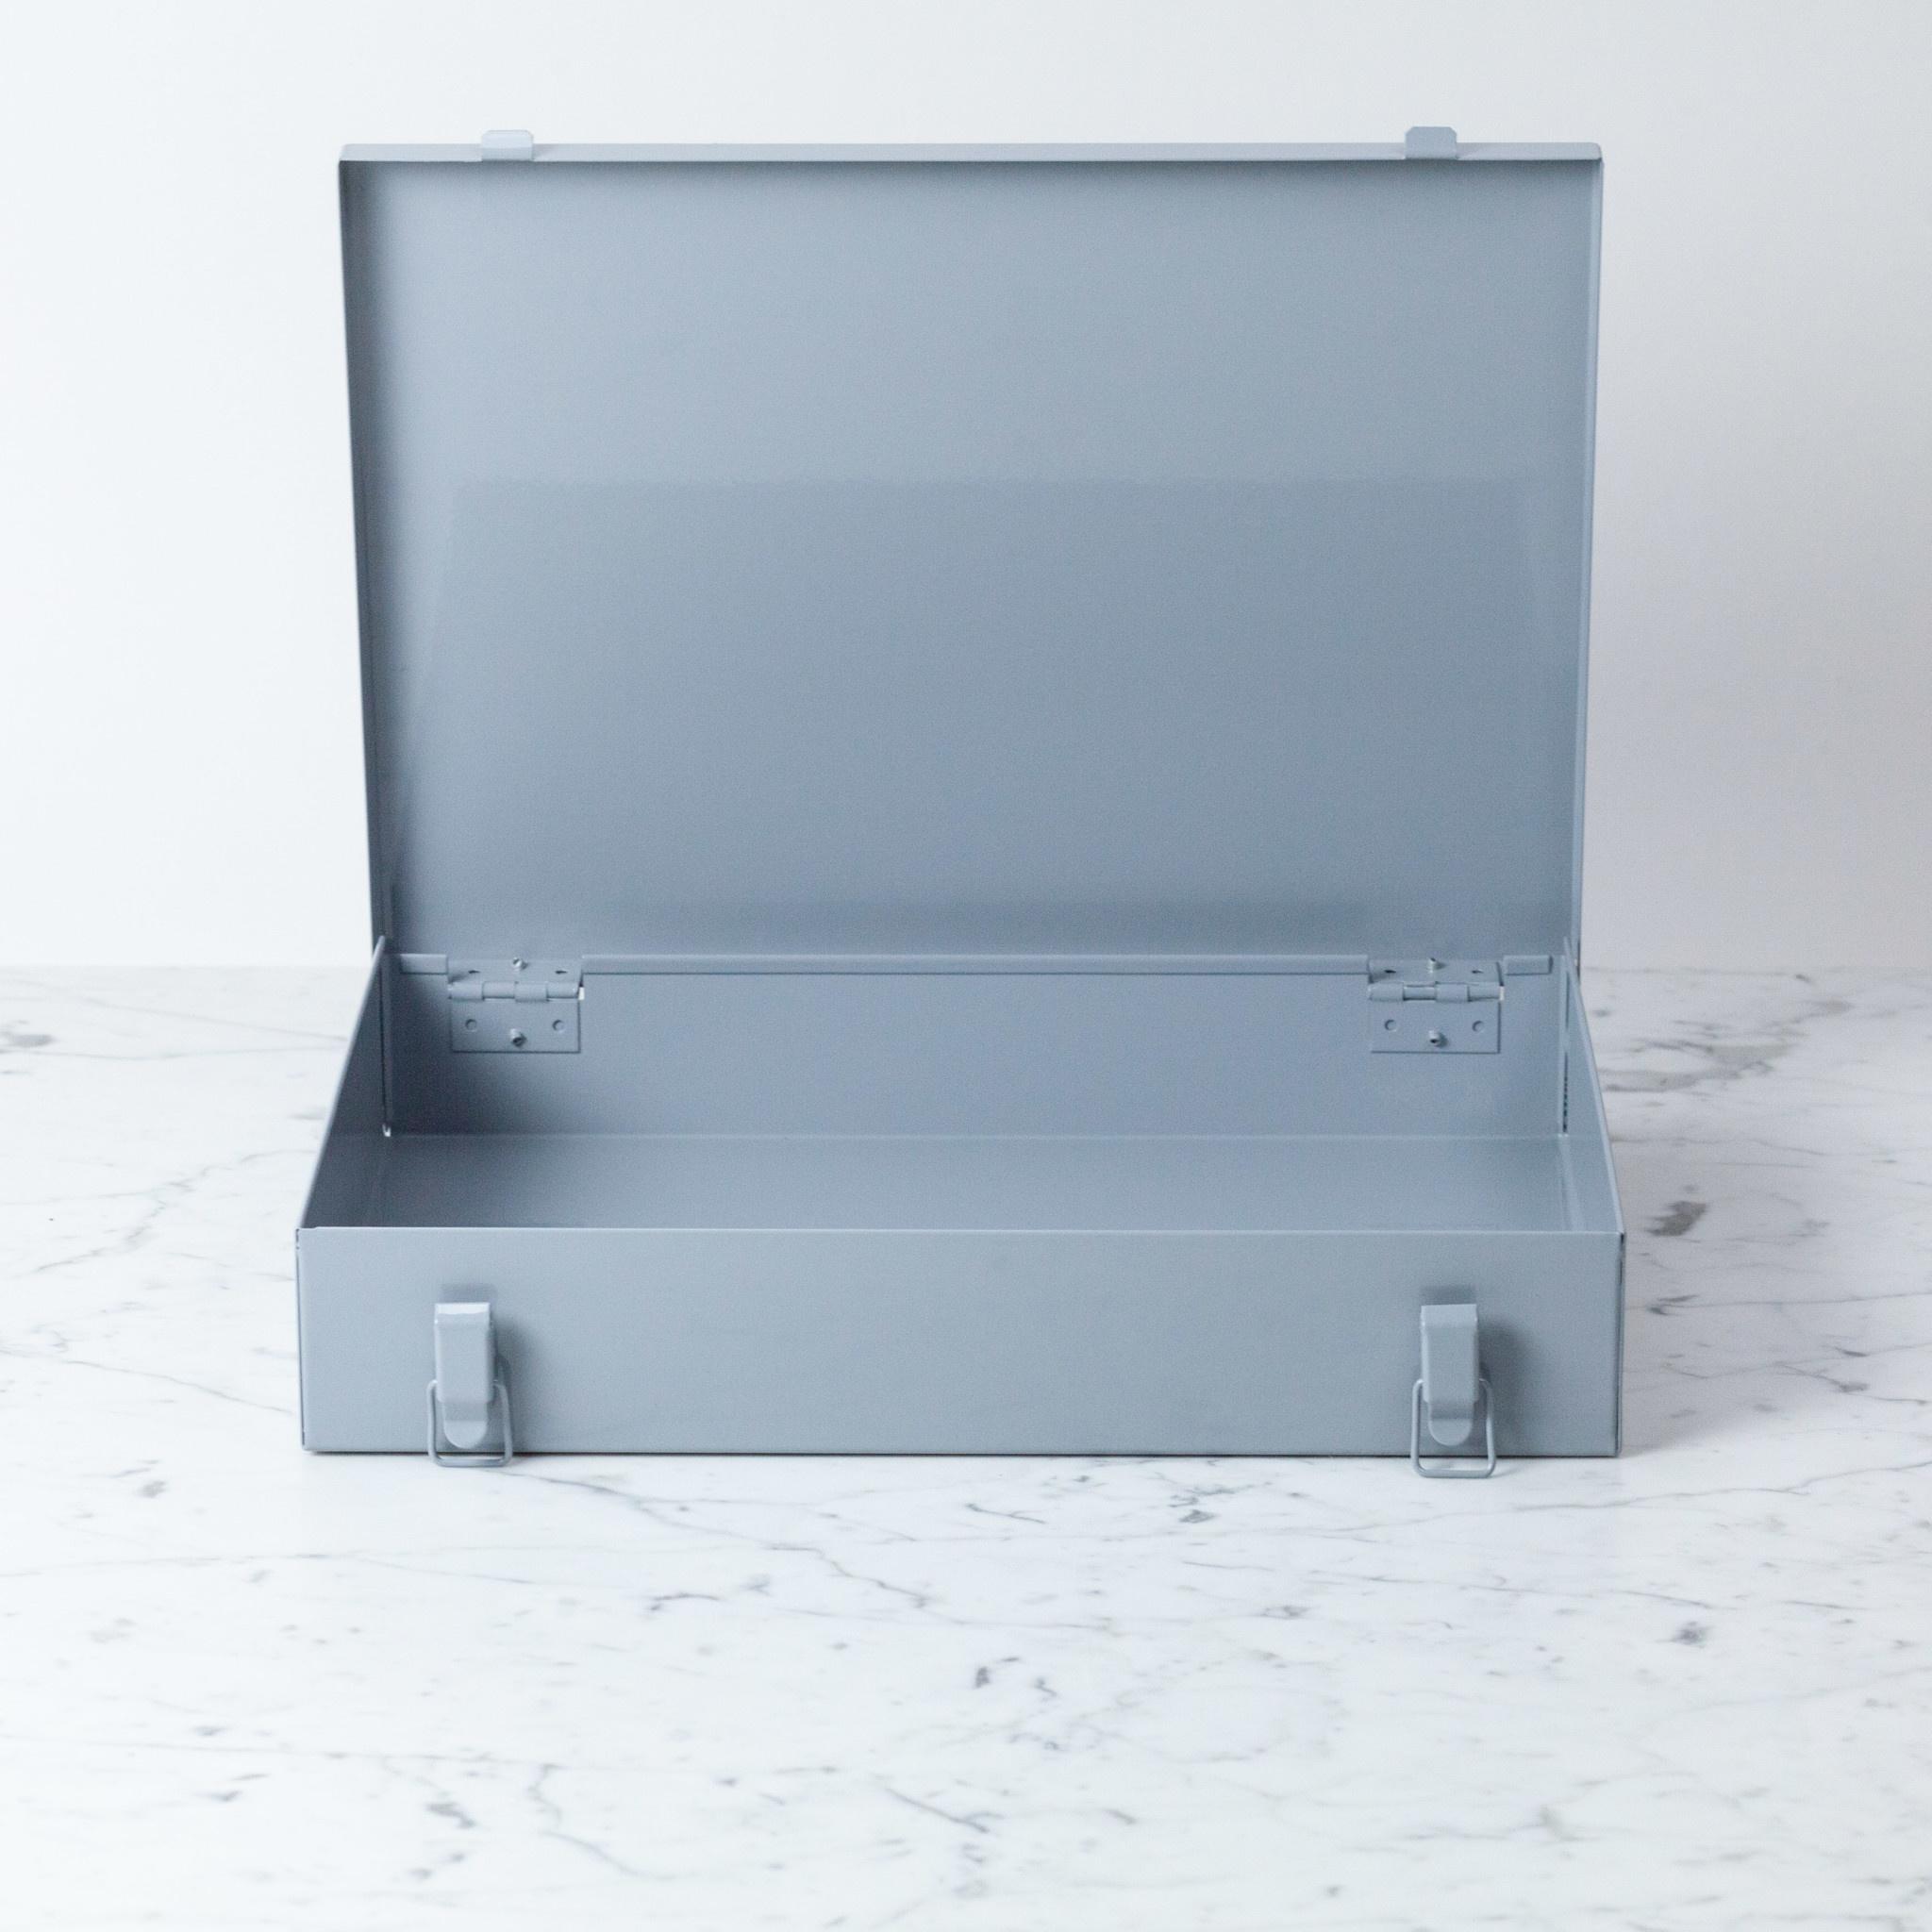 Italian Steel Locker Case - Large - Grey